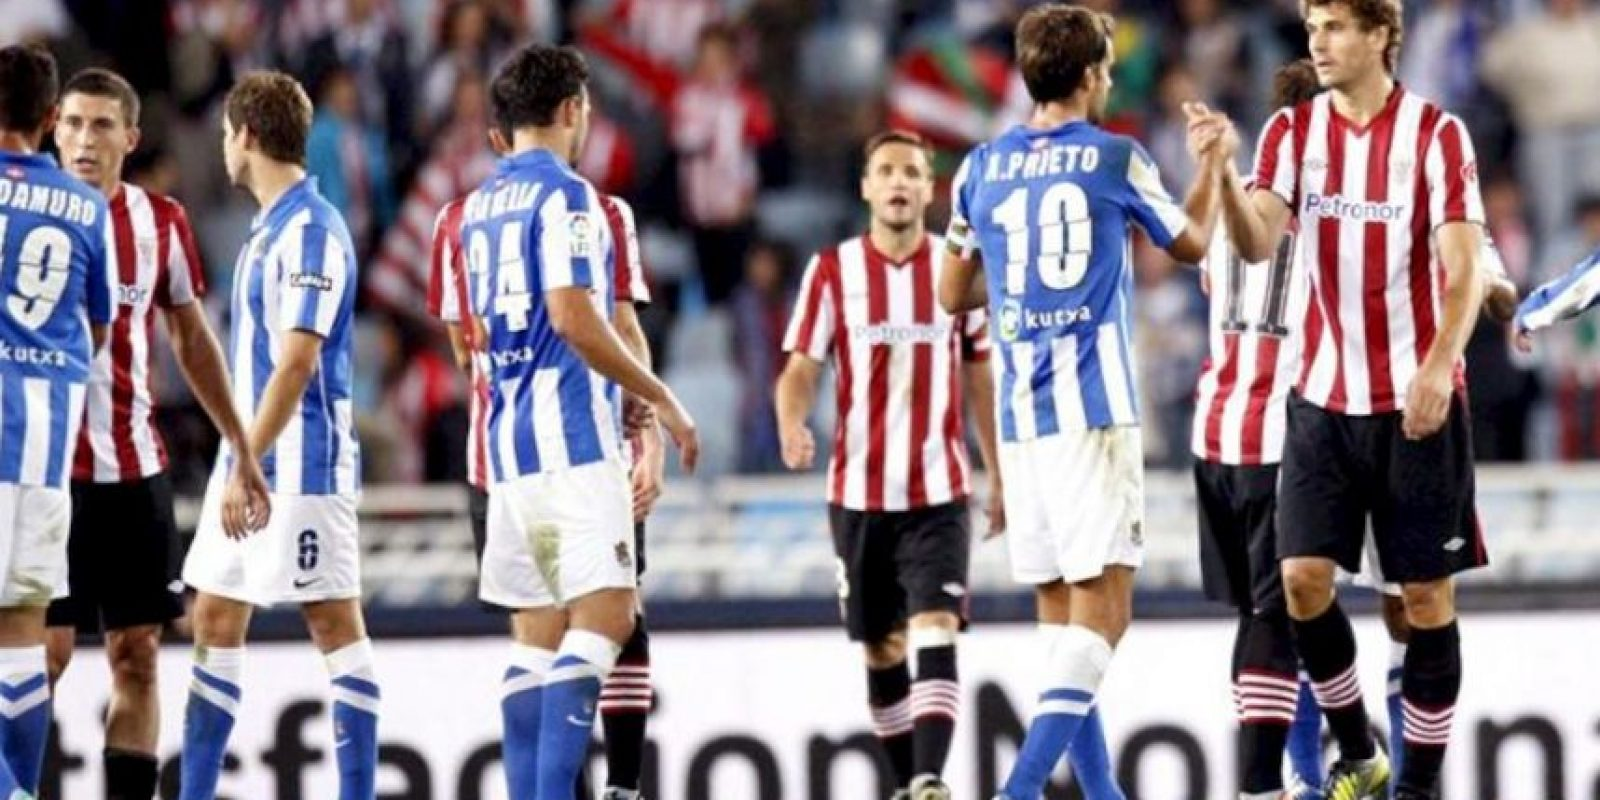 El delantero del Athletic Fernando Llorente (d) saluda al centrocampista de la Real Sociedad Xabi Prieto (2d) tras el partido correspondiente a la sexta jornada de la Liga de Primera División disputado en el estadio de Anoeta de San Sebastián. EFE